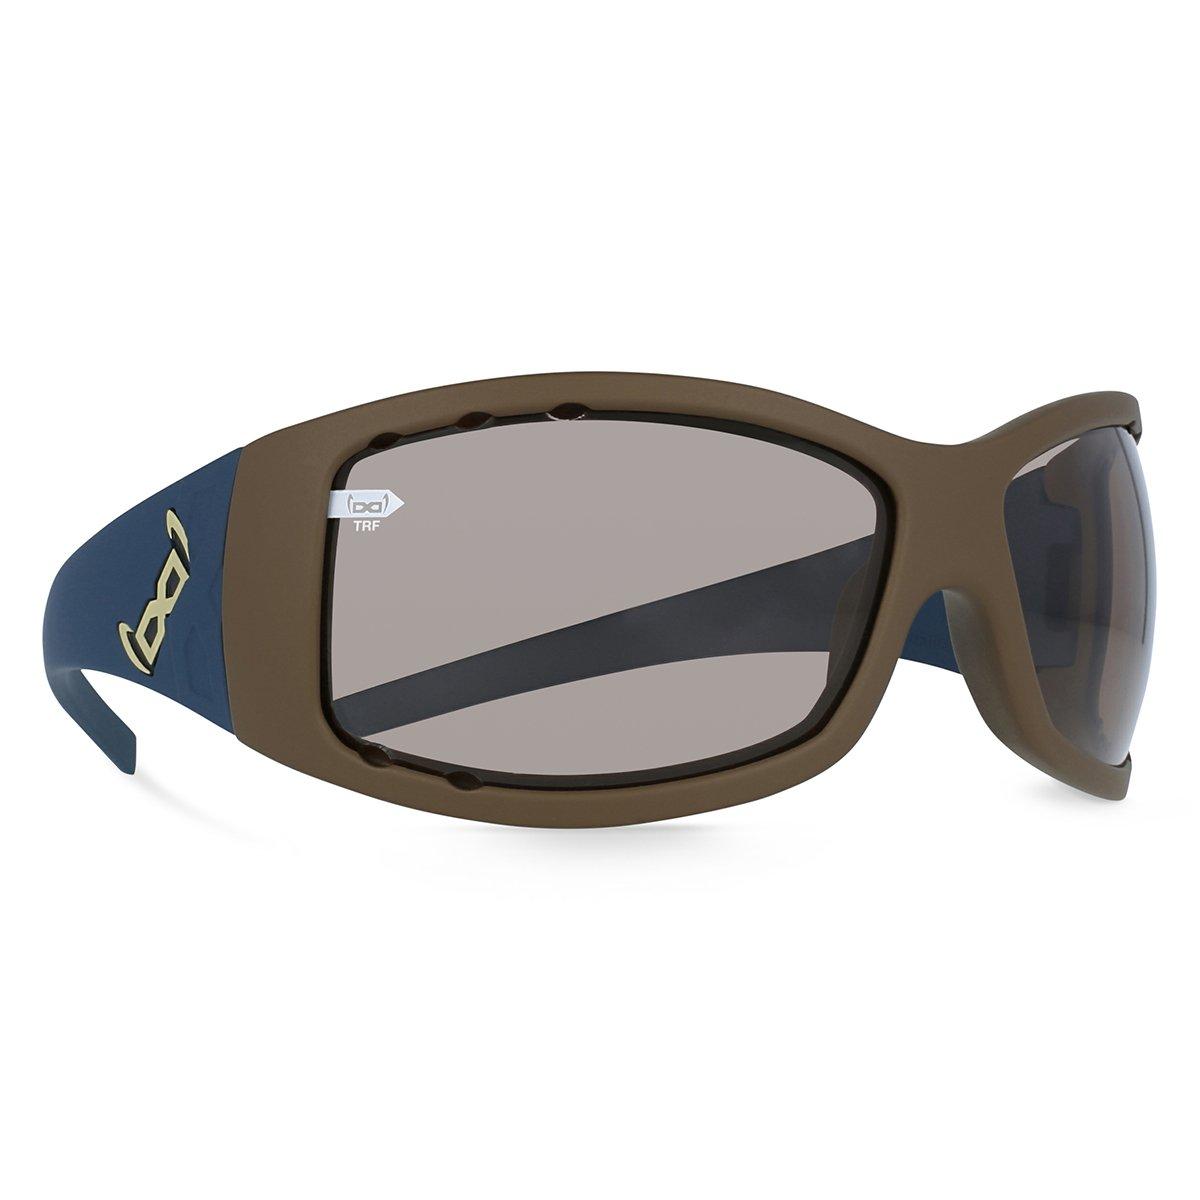 Gloryfy Herren Sonnenbrille G2 Twice Ecylipse AIR Braun Blau Sonnenbrille